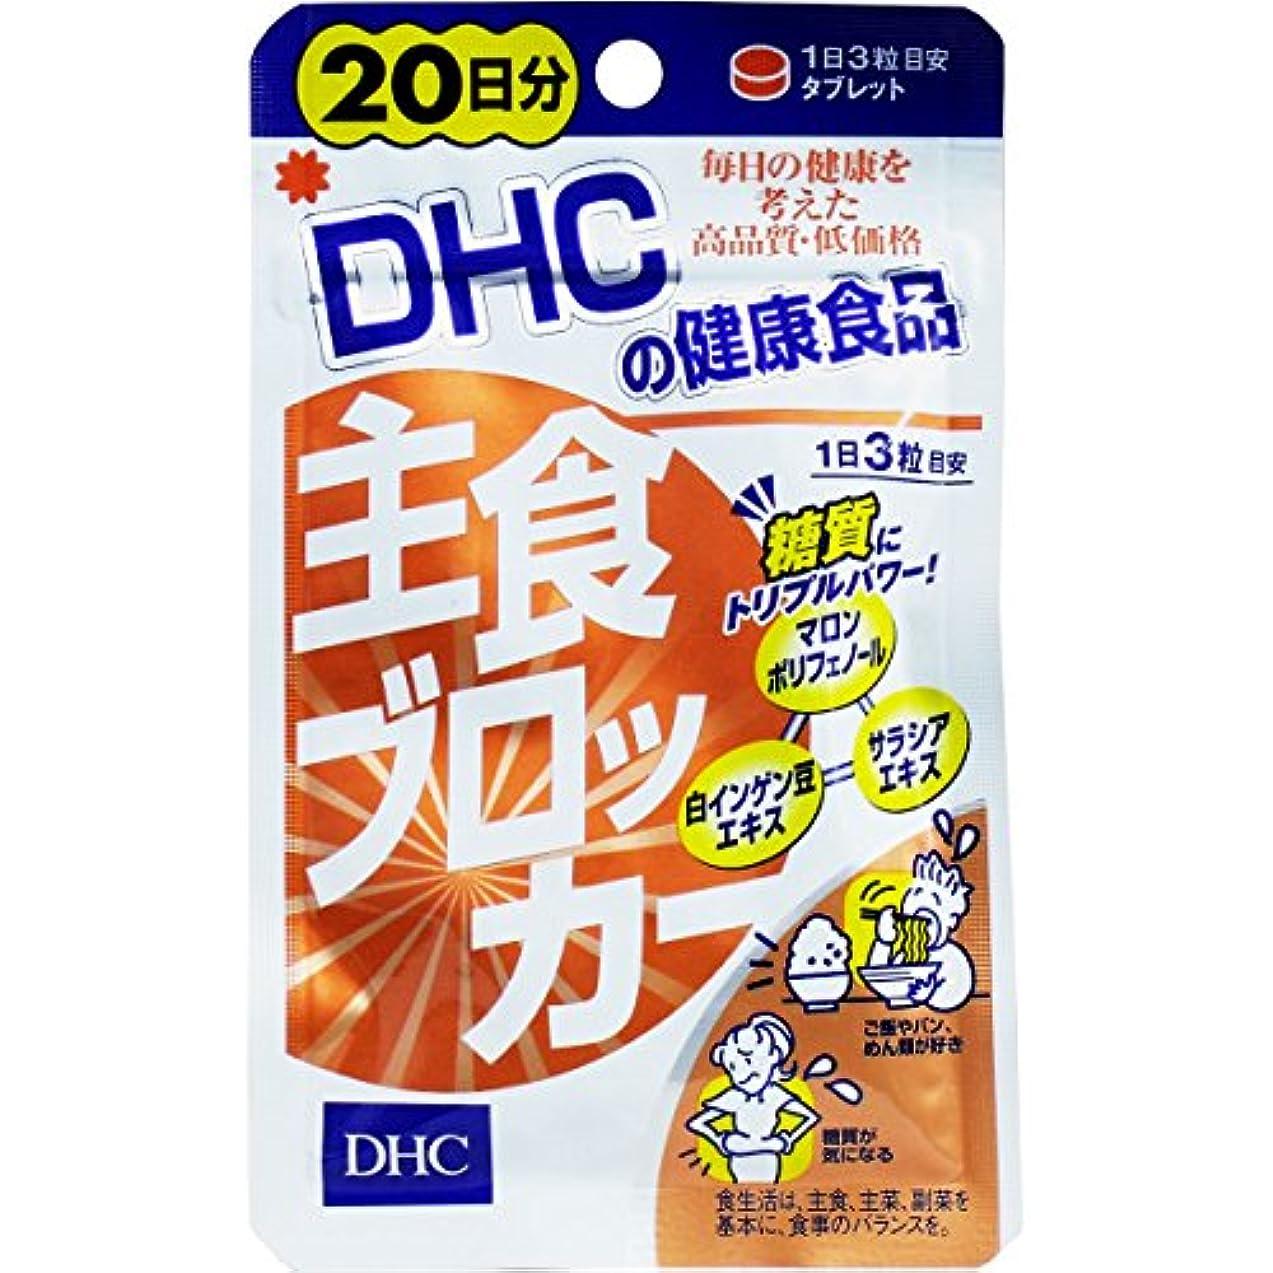 ローン放置数学者ダイエット トリプルパワーでため込み対策 栄養機能食品 DHC 主食ブロッカー 20日分 60粒入【4個セット】